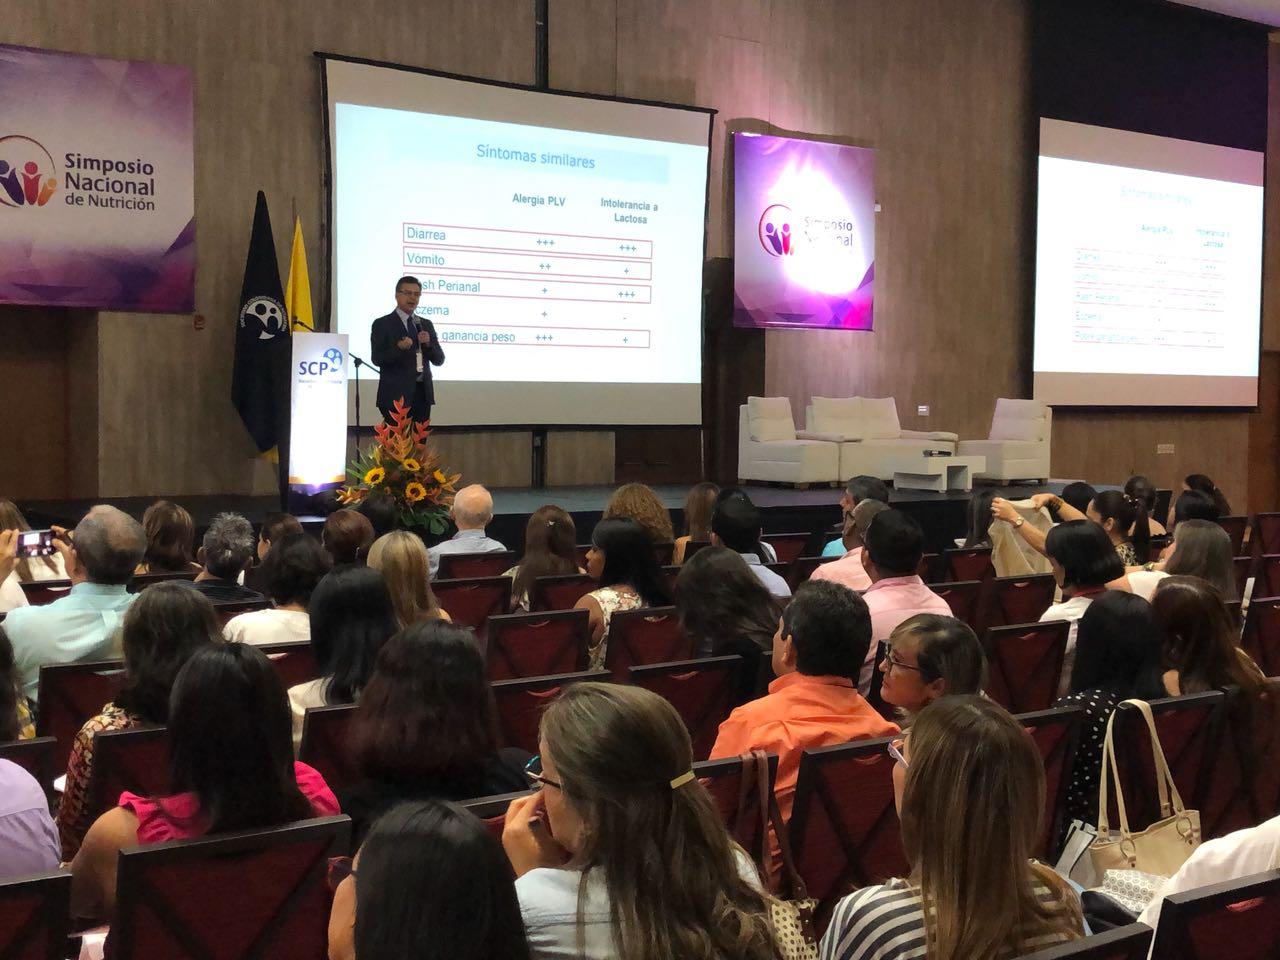 IV Simposio Nacional de Nutrición en Barranquilla permitió debatir sobre el panorama de alimentación infantil